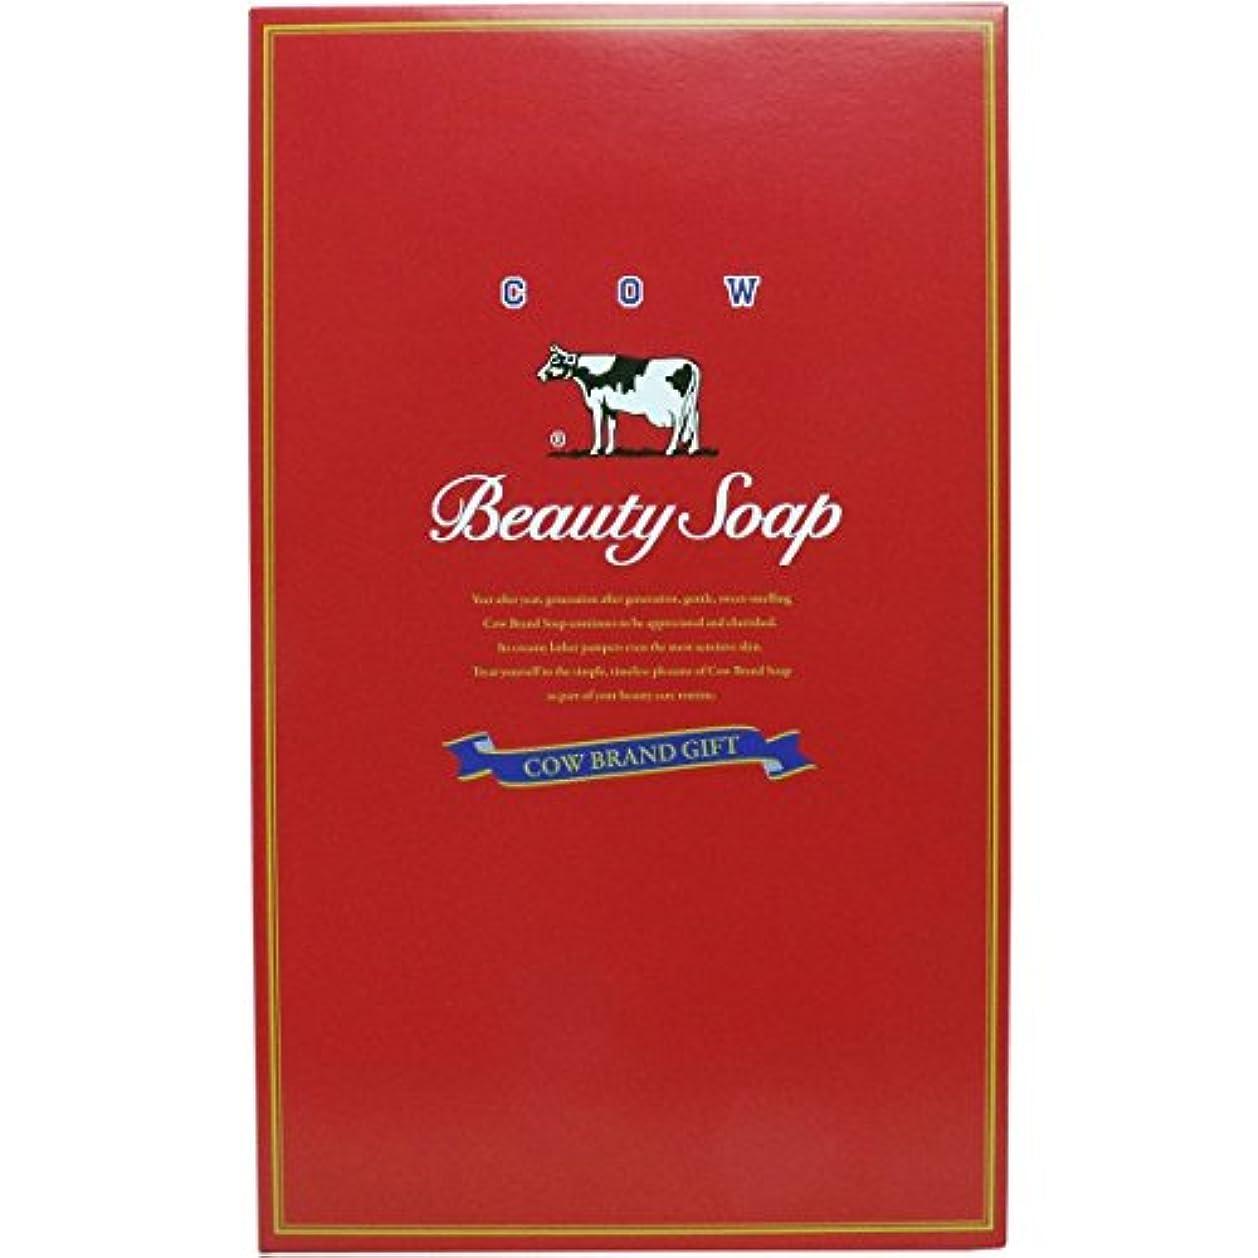 ドナー造船編集する牛乳石鹸共進社 カウブランド石鹸 赤箱 100g×10個×16箱